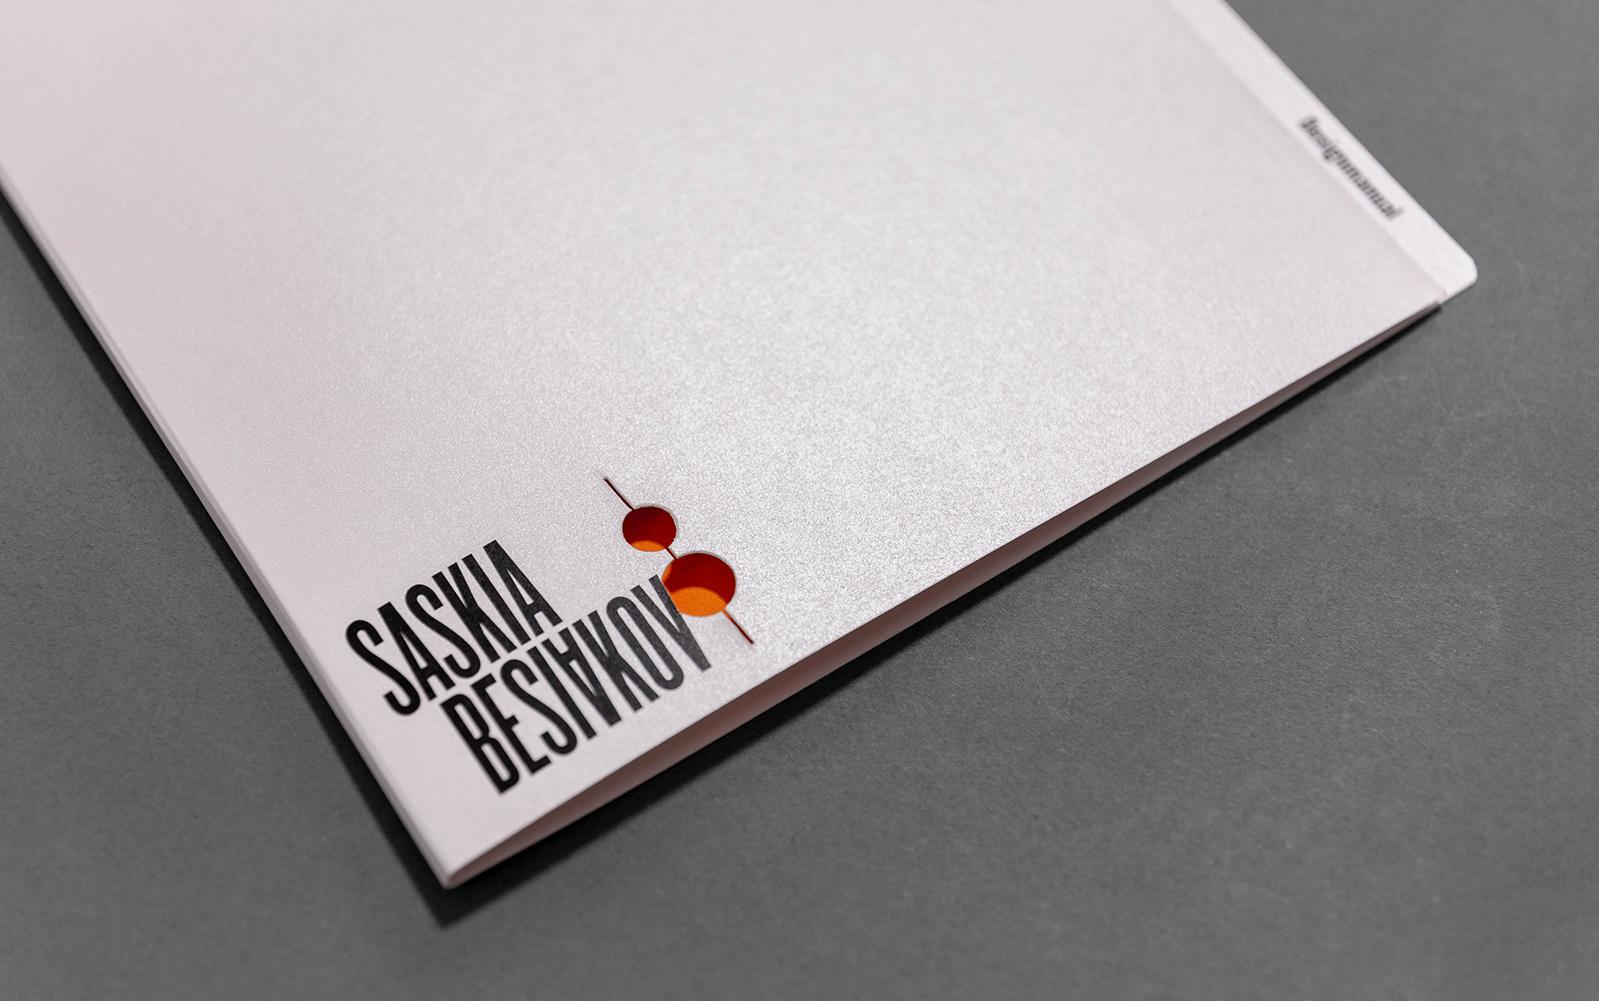 Saskia Besiakov designmanual